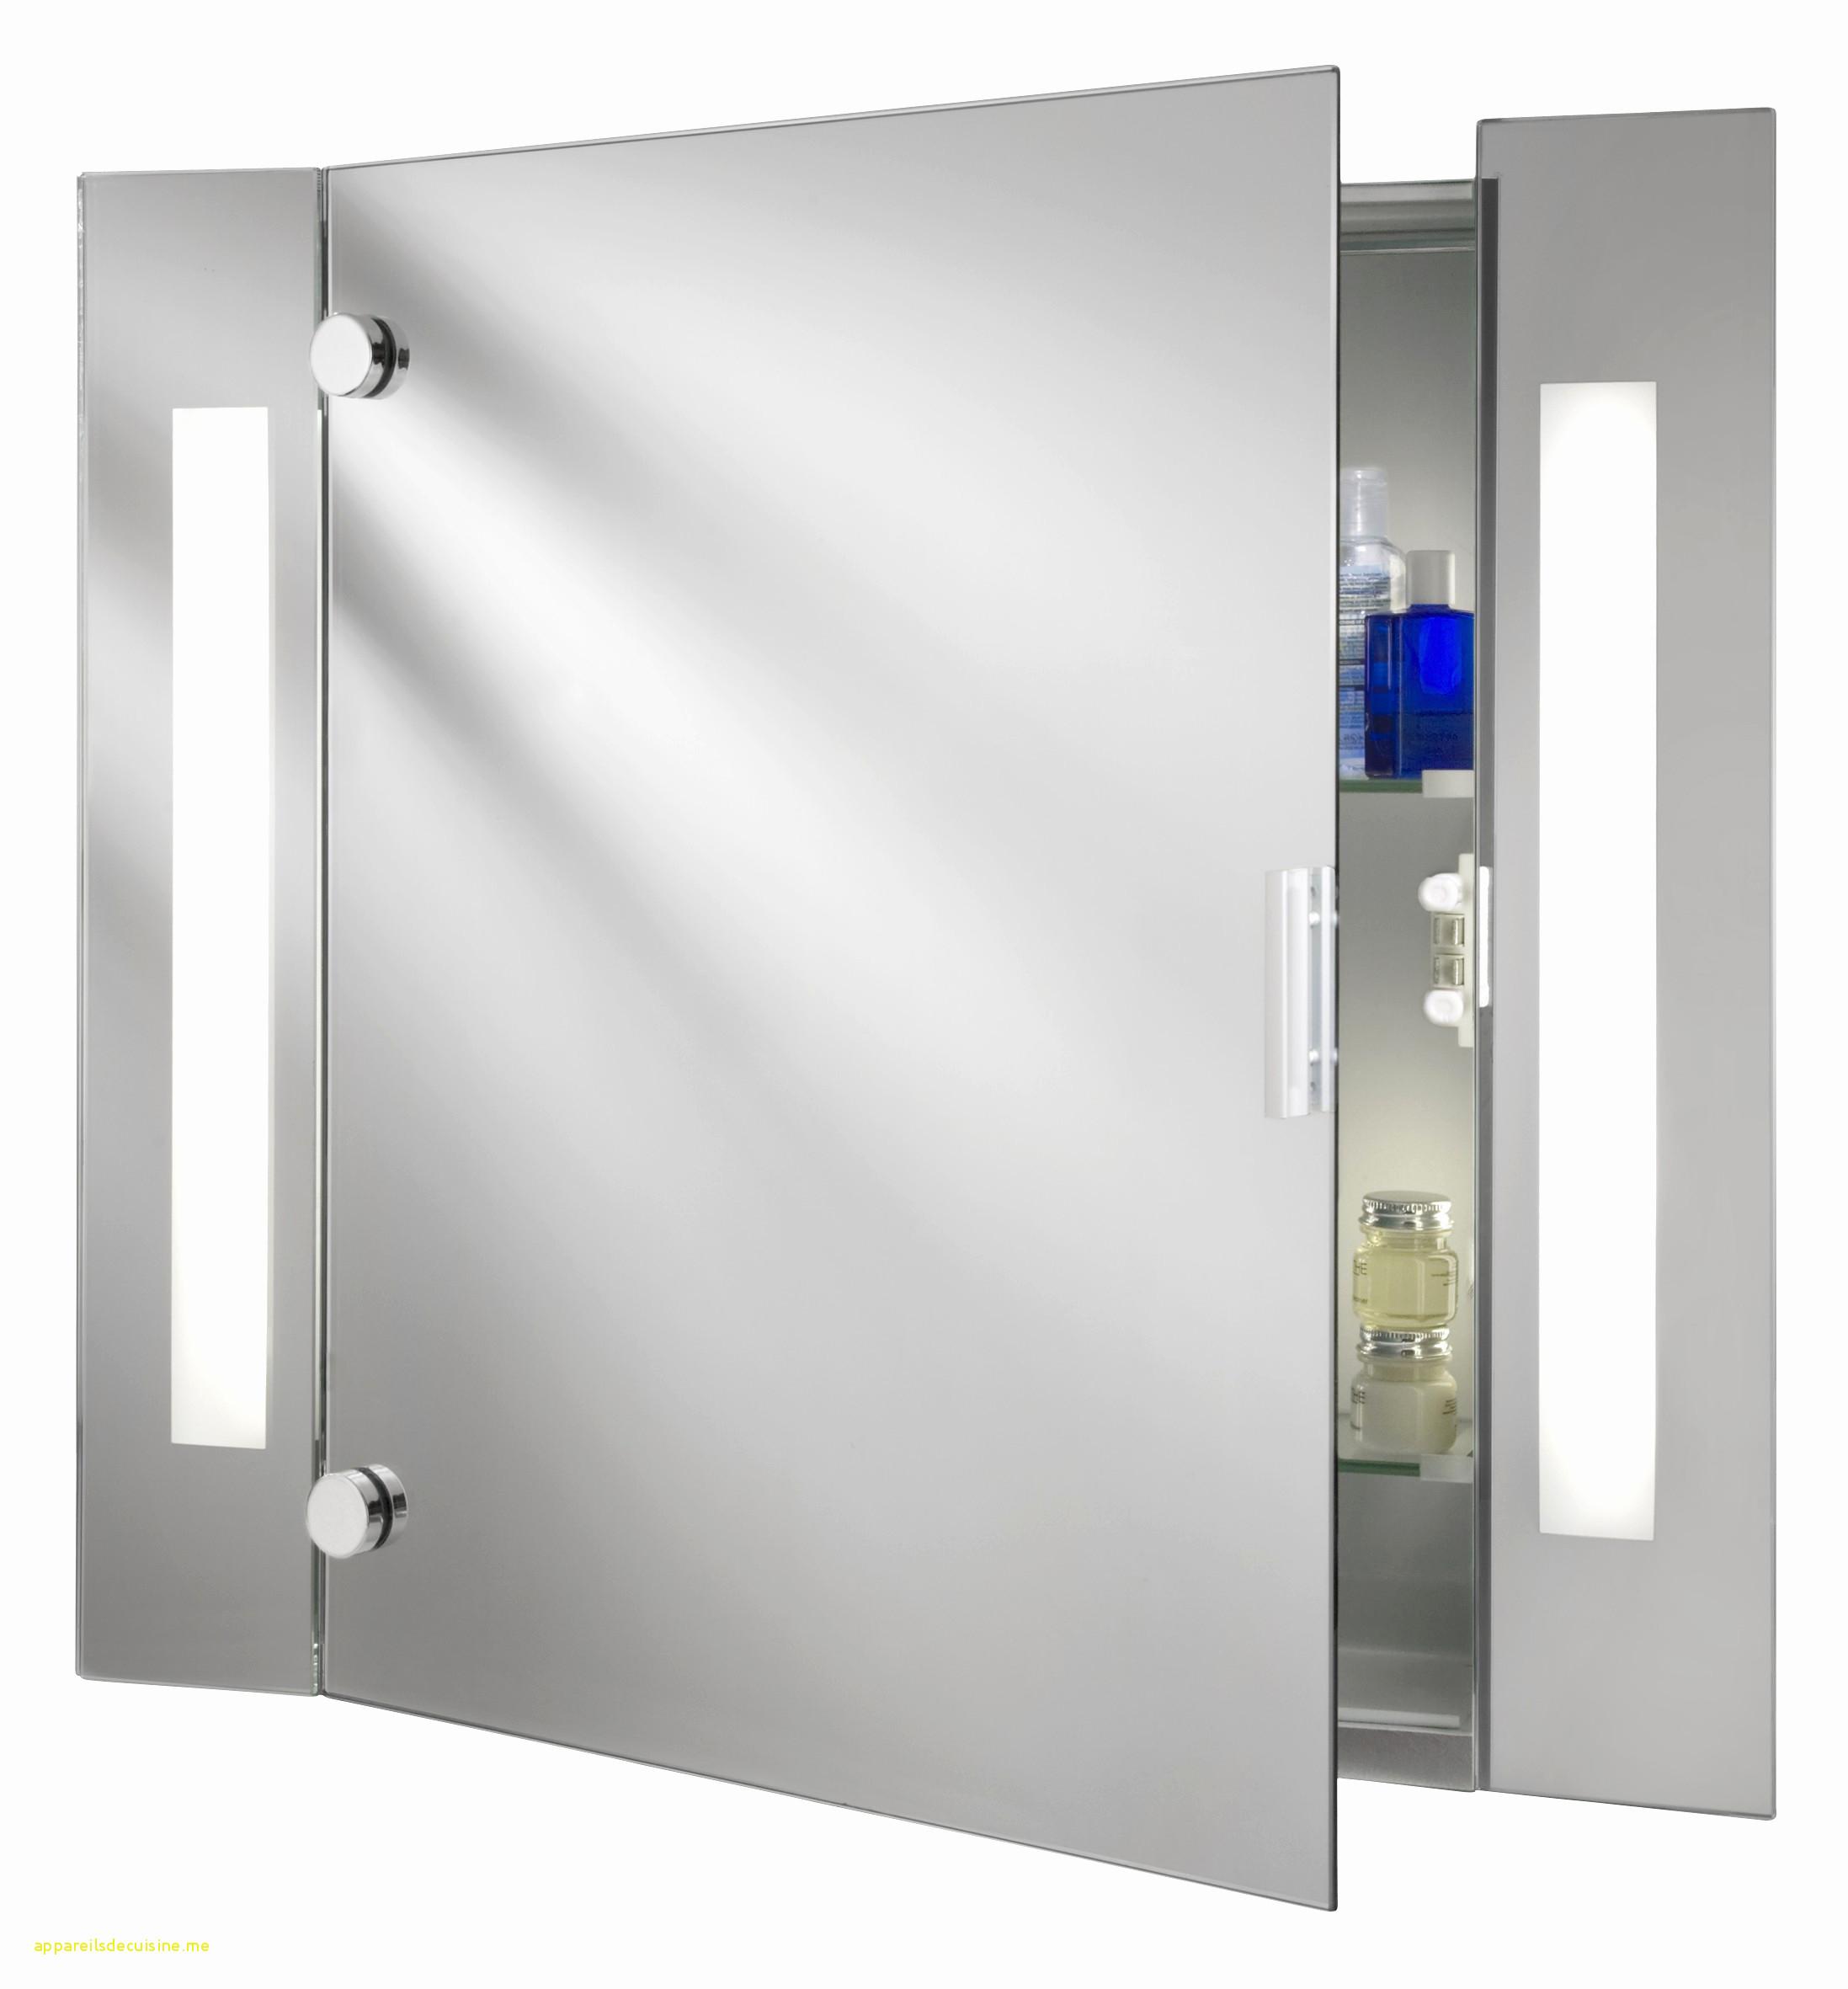 ikea miroir lumineux nouveau galerie r u00e9sultat sup u00e9rieur armoire de salle de bain miroir